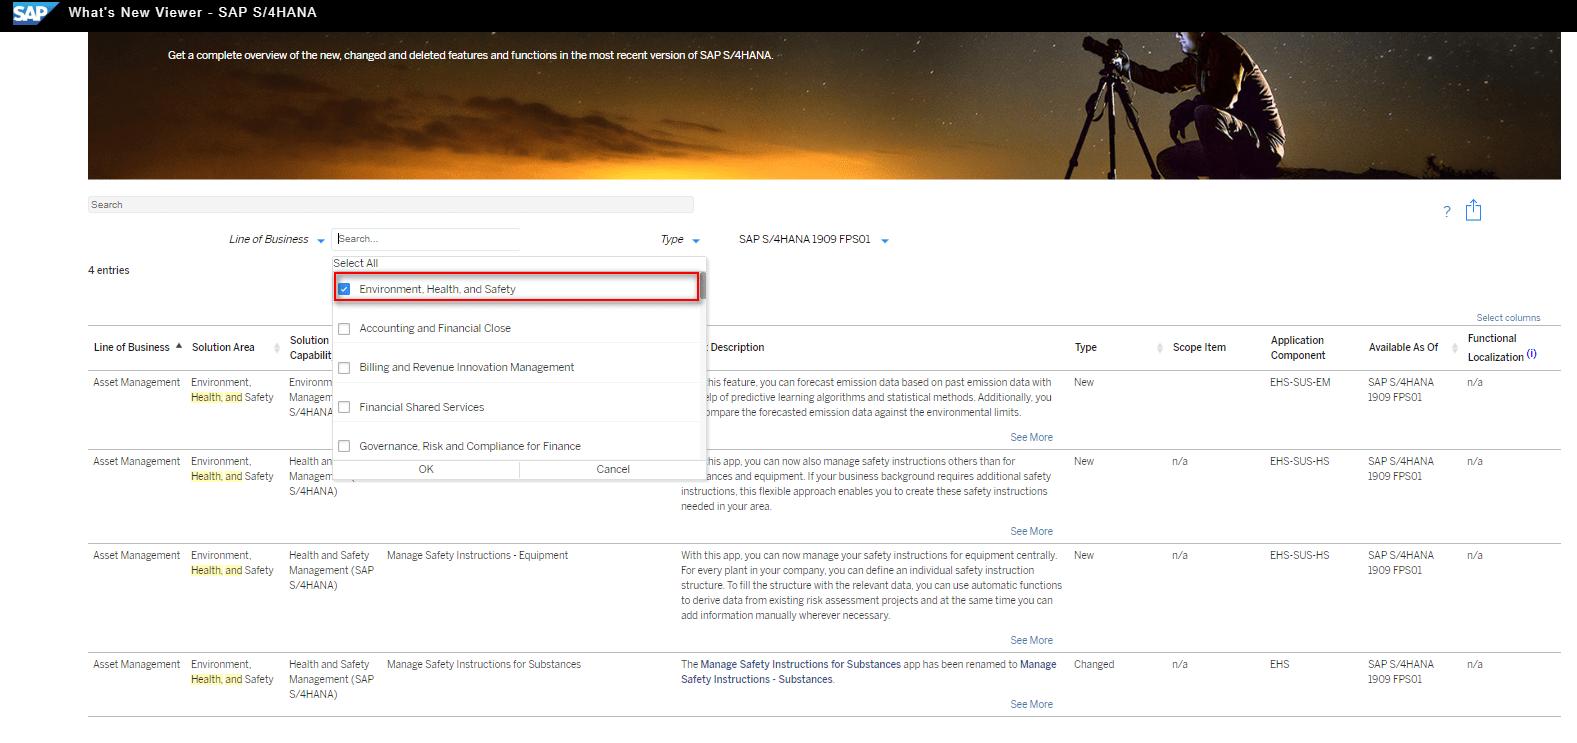 Blog Screen Whats new viewer Filter EHS - What's new viewer: Alle neuen und geänderten Funktionen von SAP S/4HANA auf einen Blick